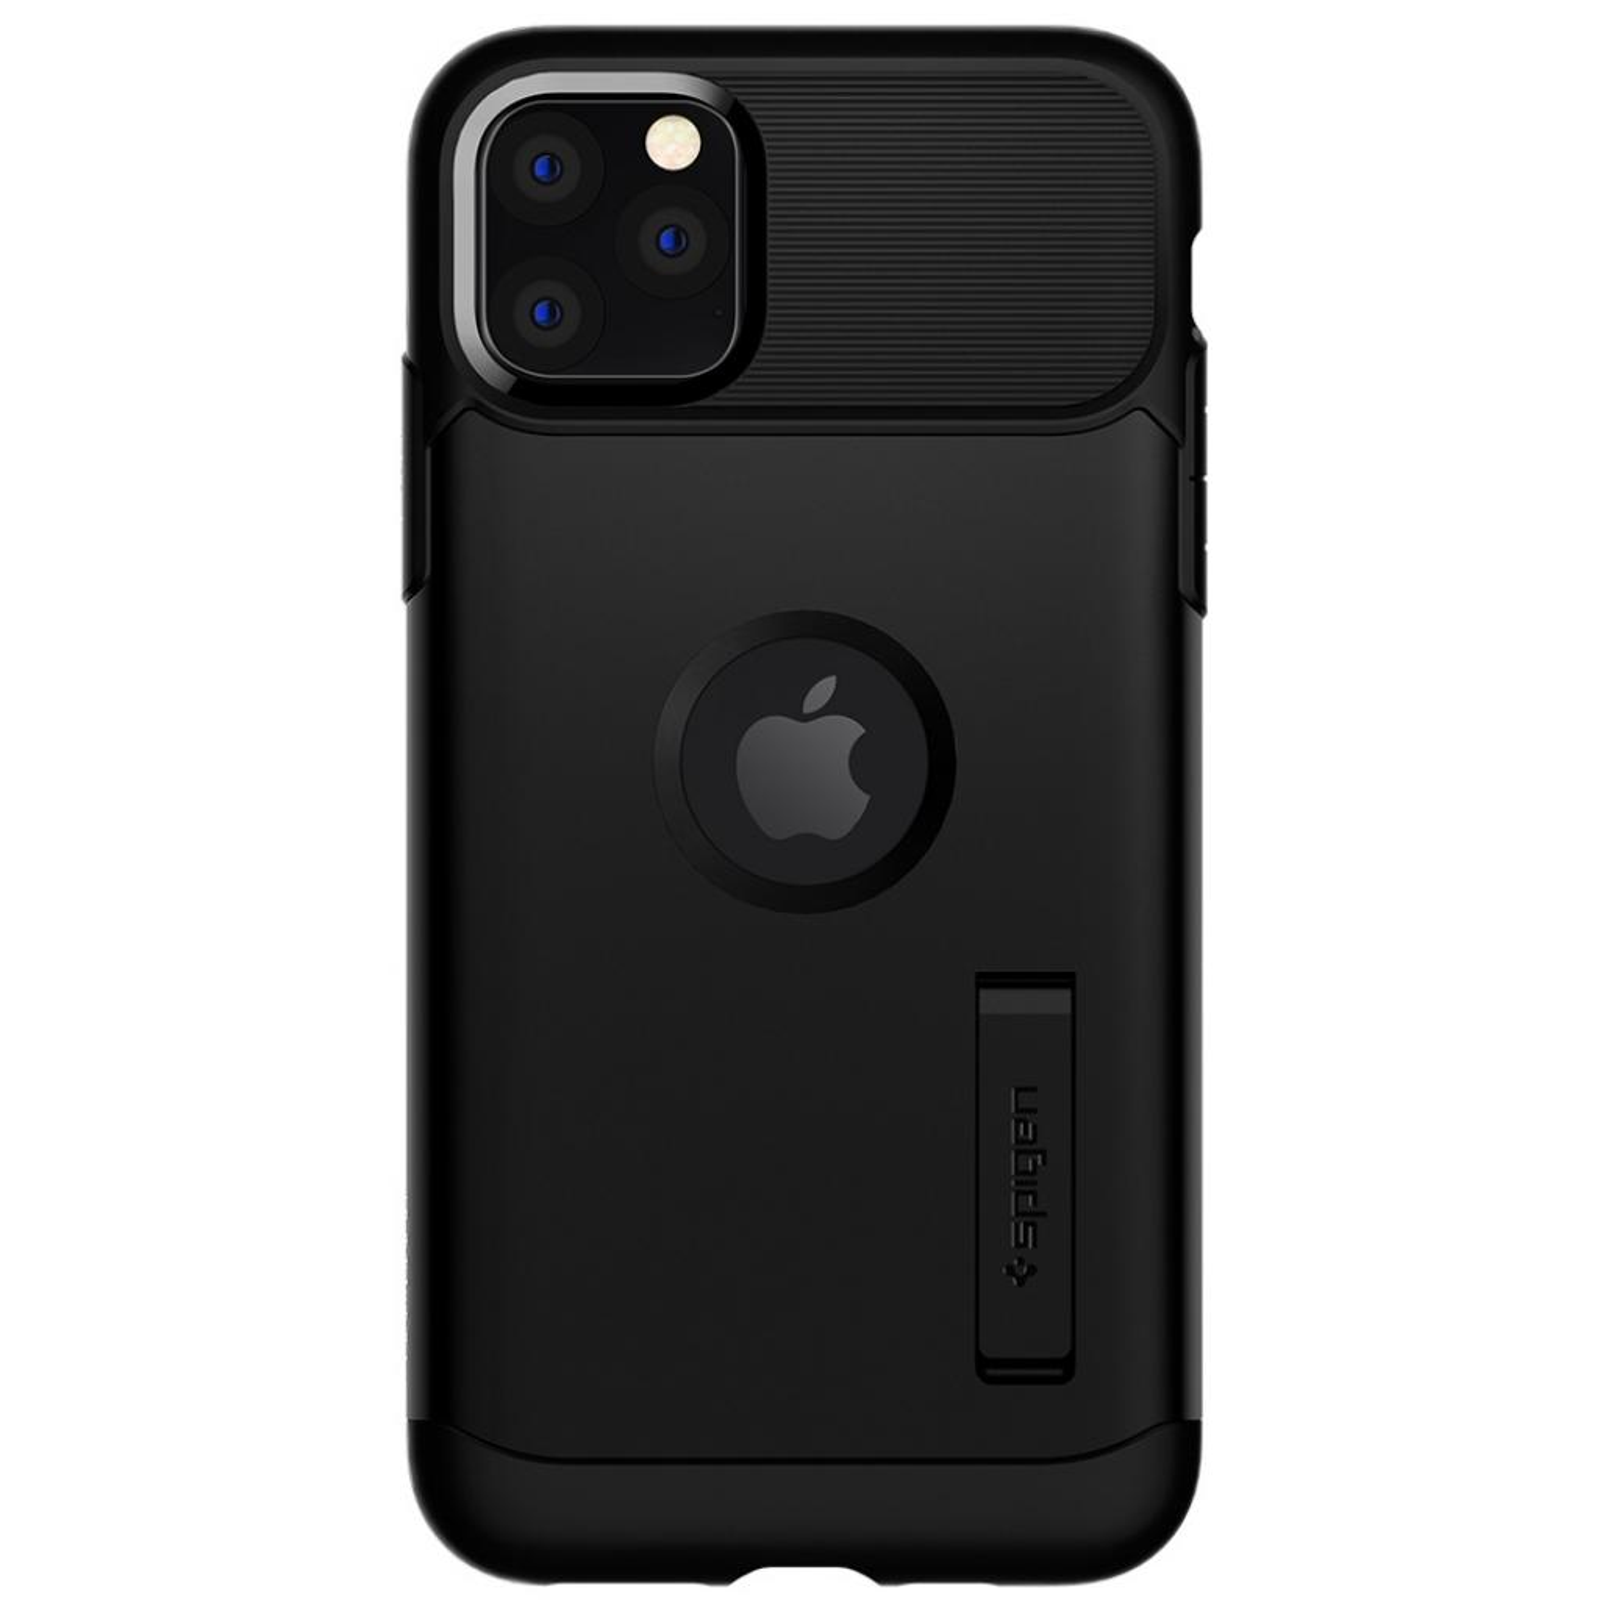 Чехол для моб. телефона Spigen iPhone 11 Pro Slim Armor, Black (077CS27099)